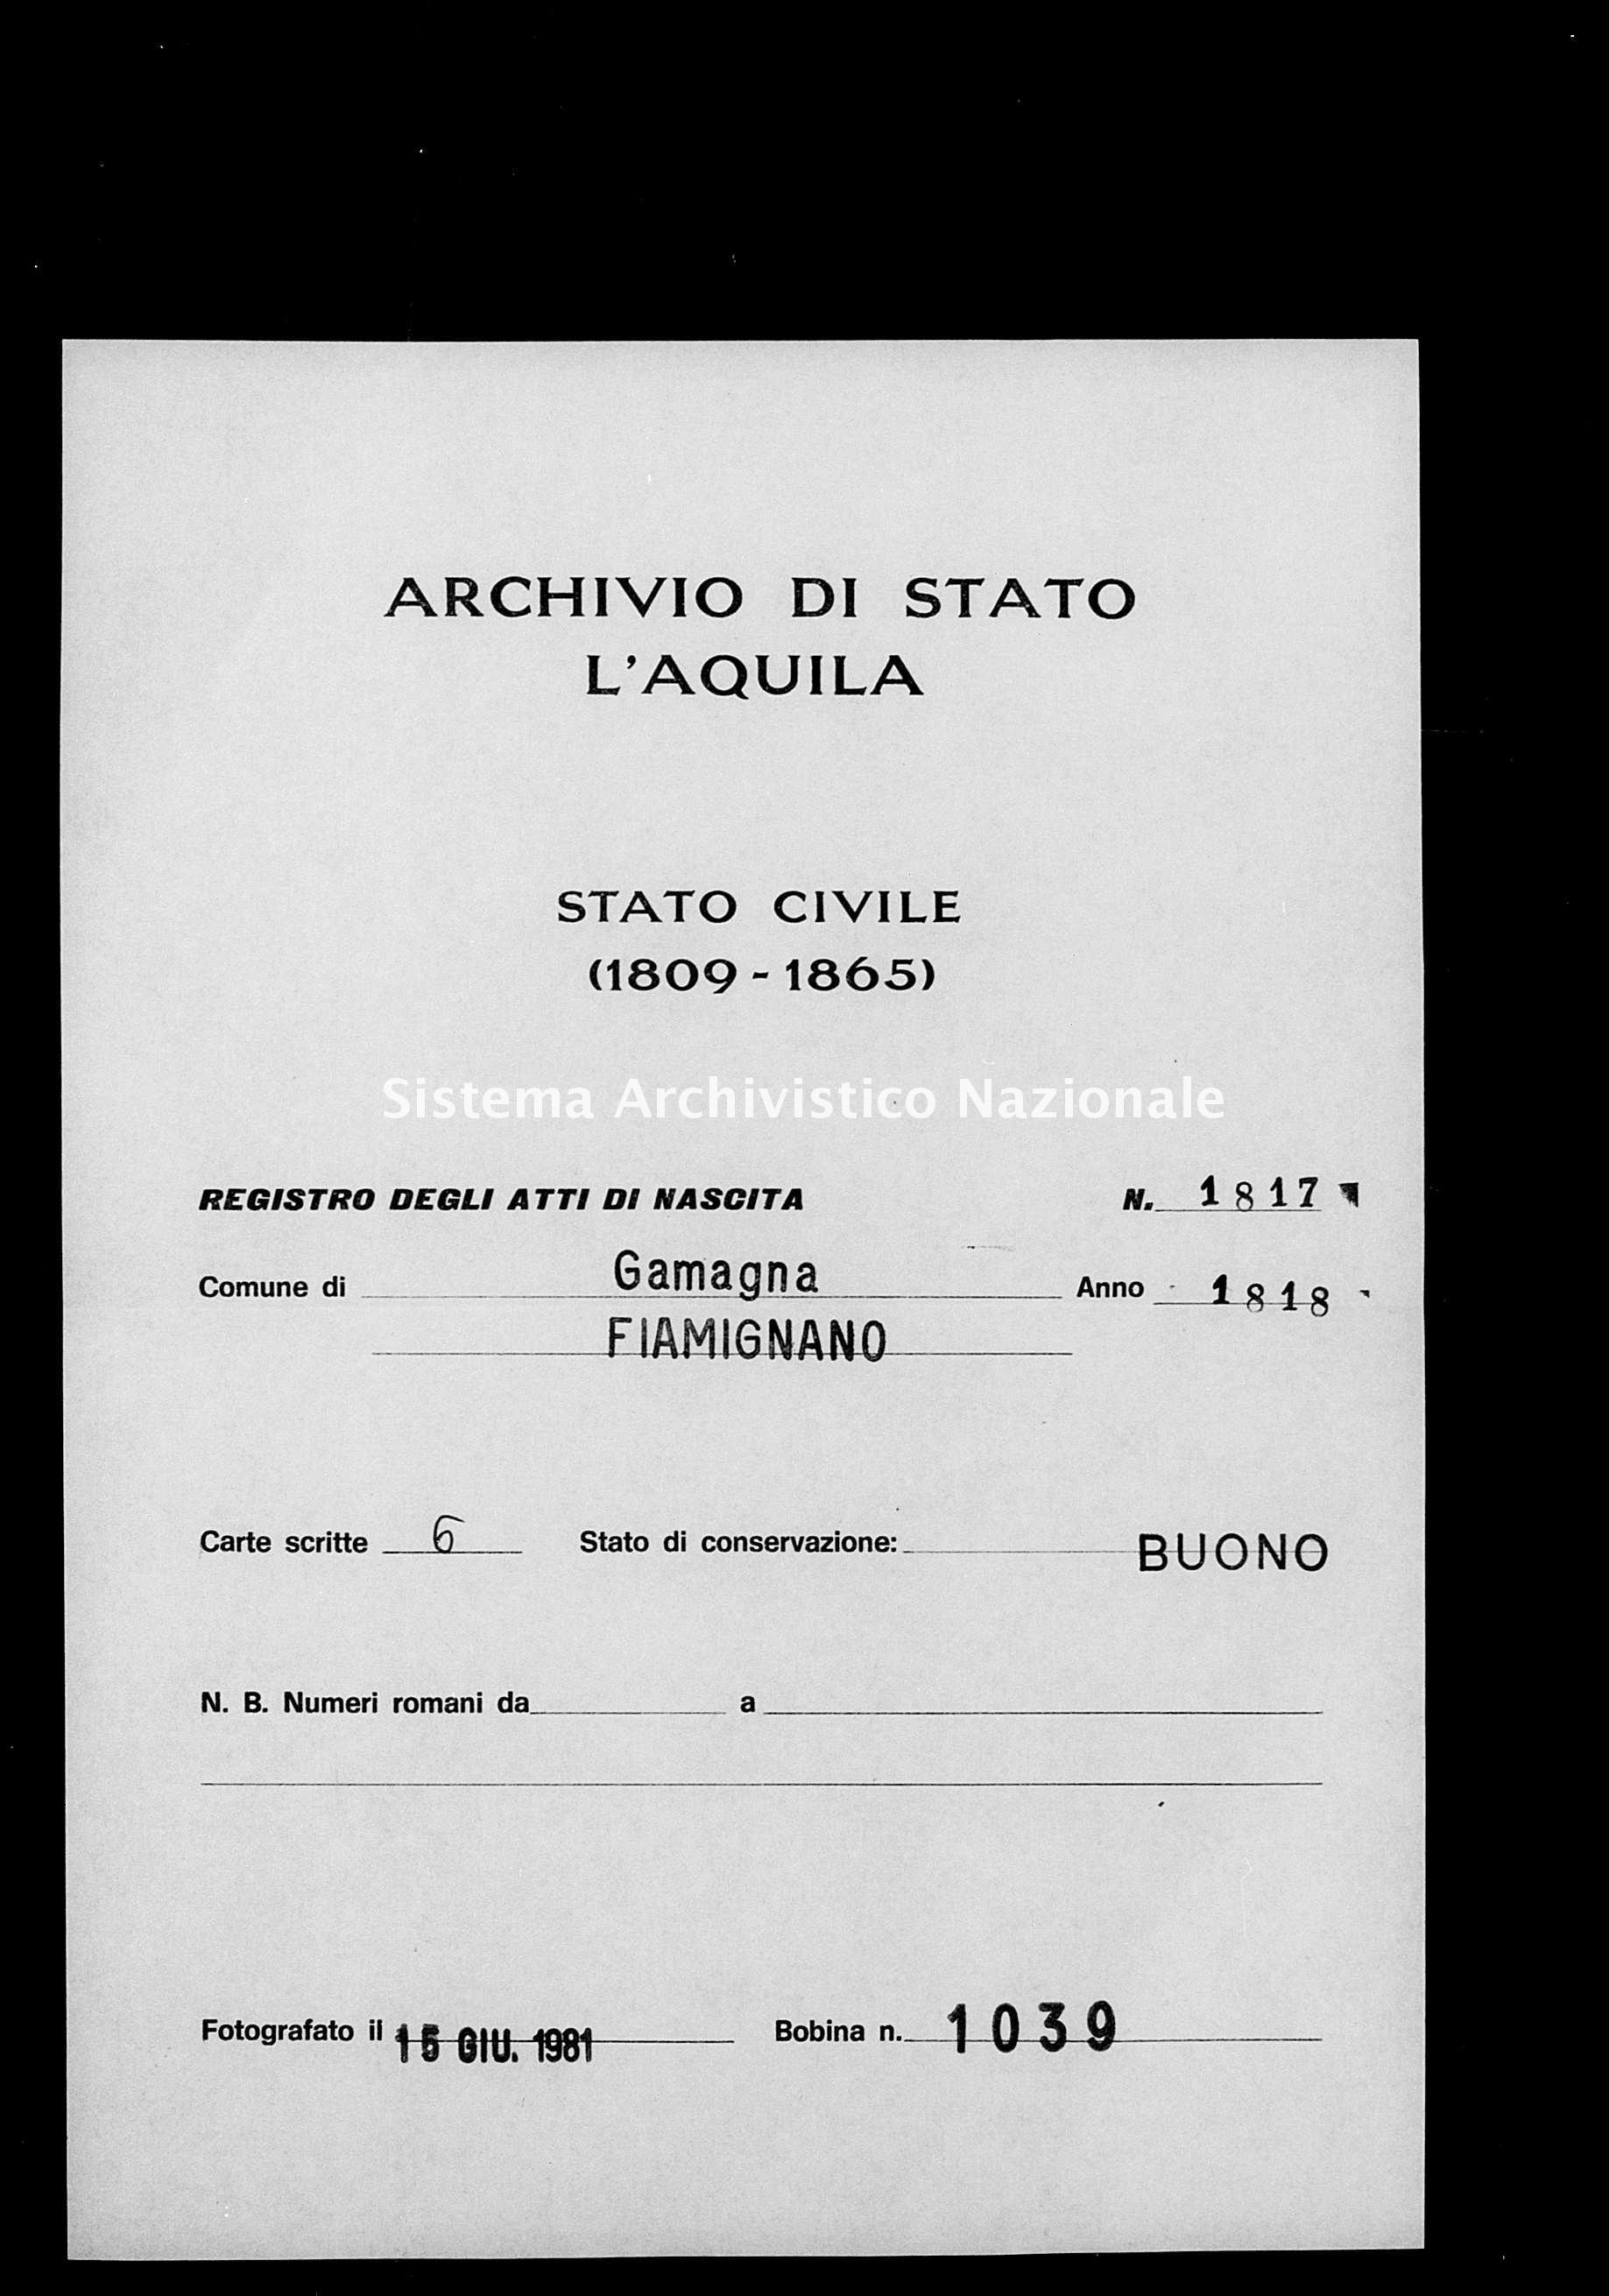 Archivio di stato di L'aquila - Stato civile della restaurazione - Gamagna - Nati - 1818 - 1817 -